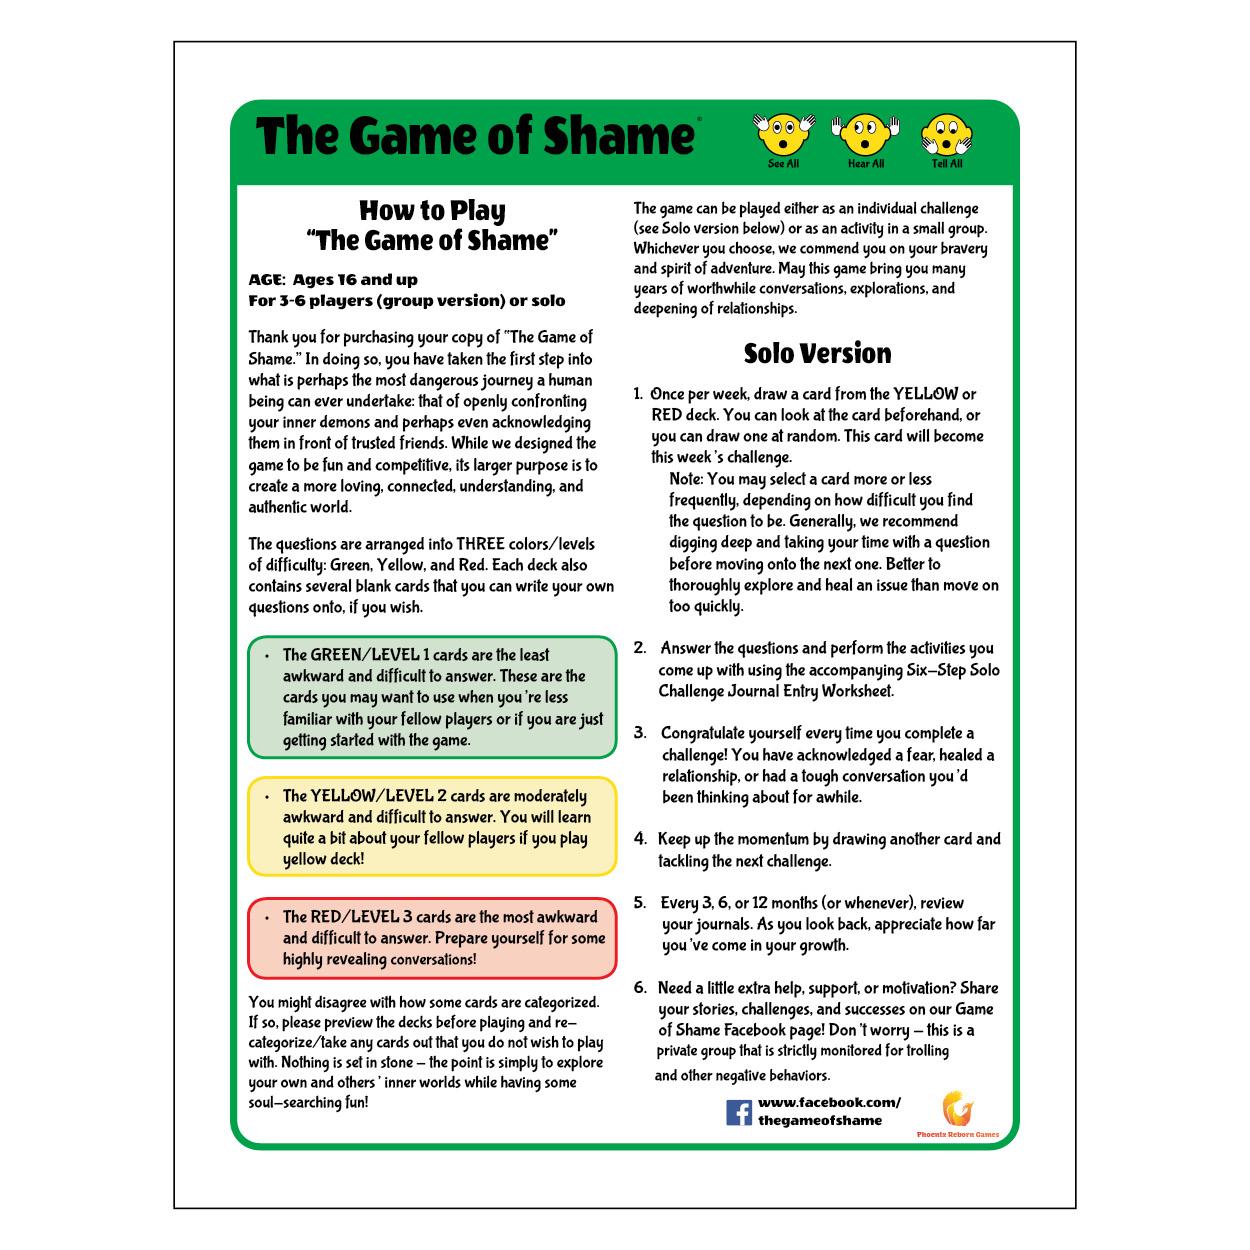 Rule Sheet Design - Game of Shame